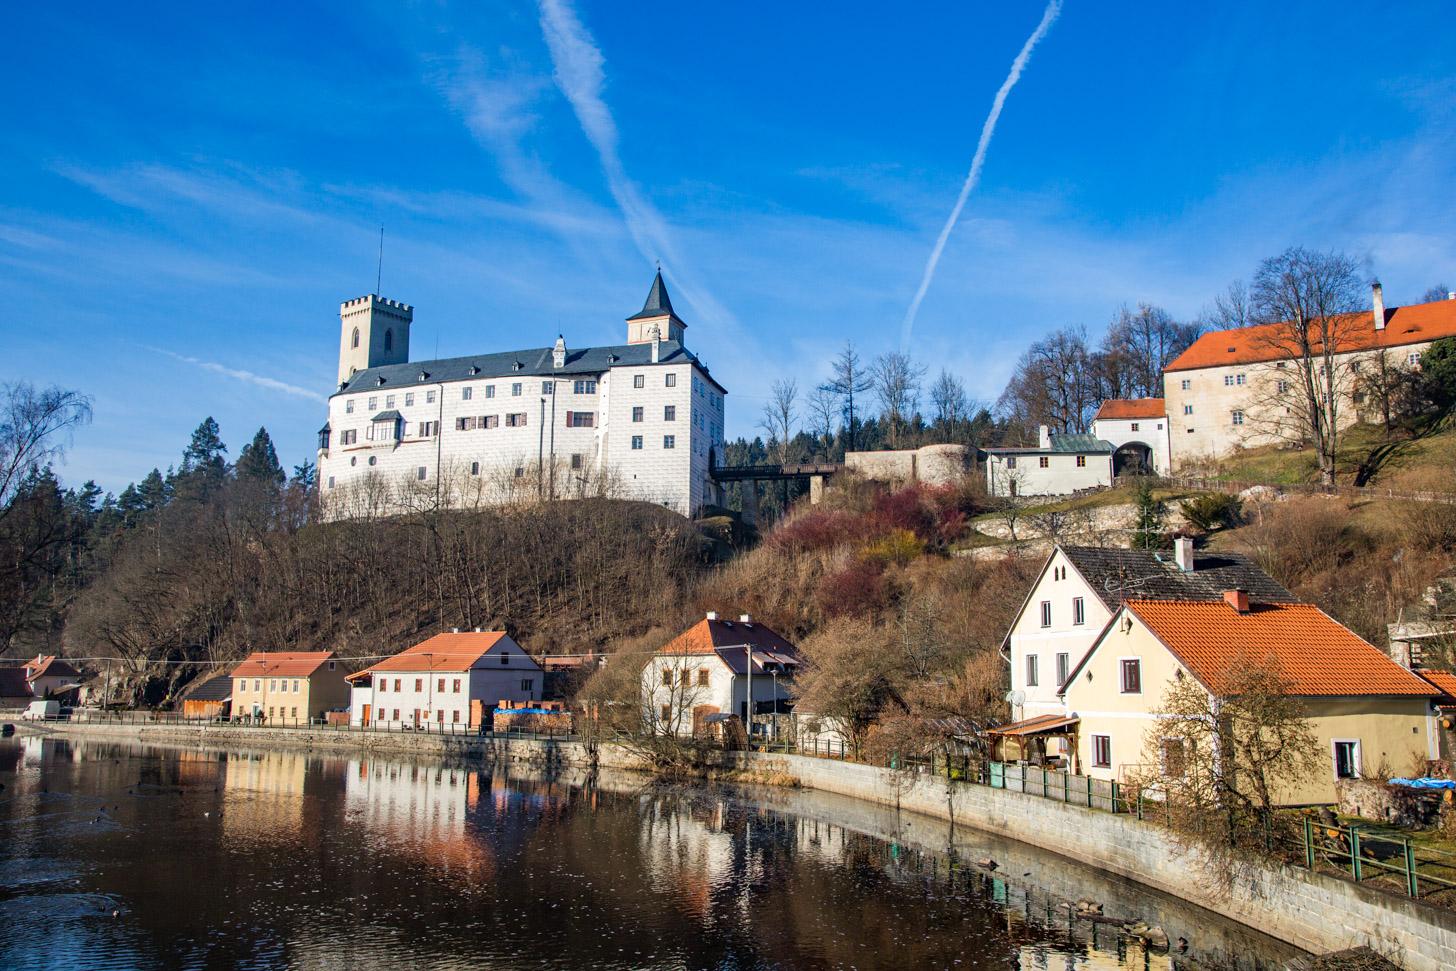 Het dorp Rožmberk nad Vltavou